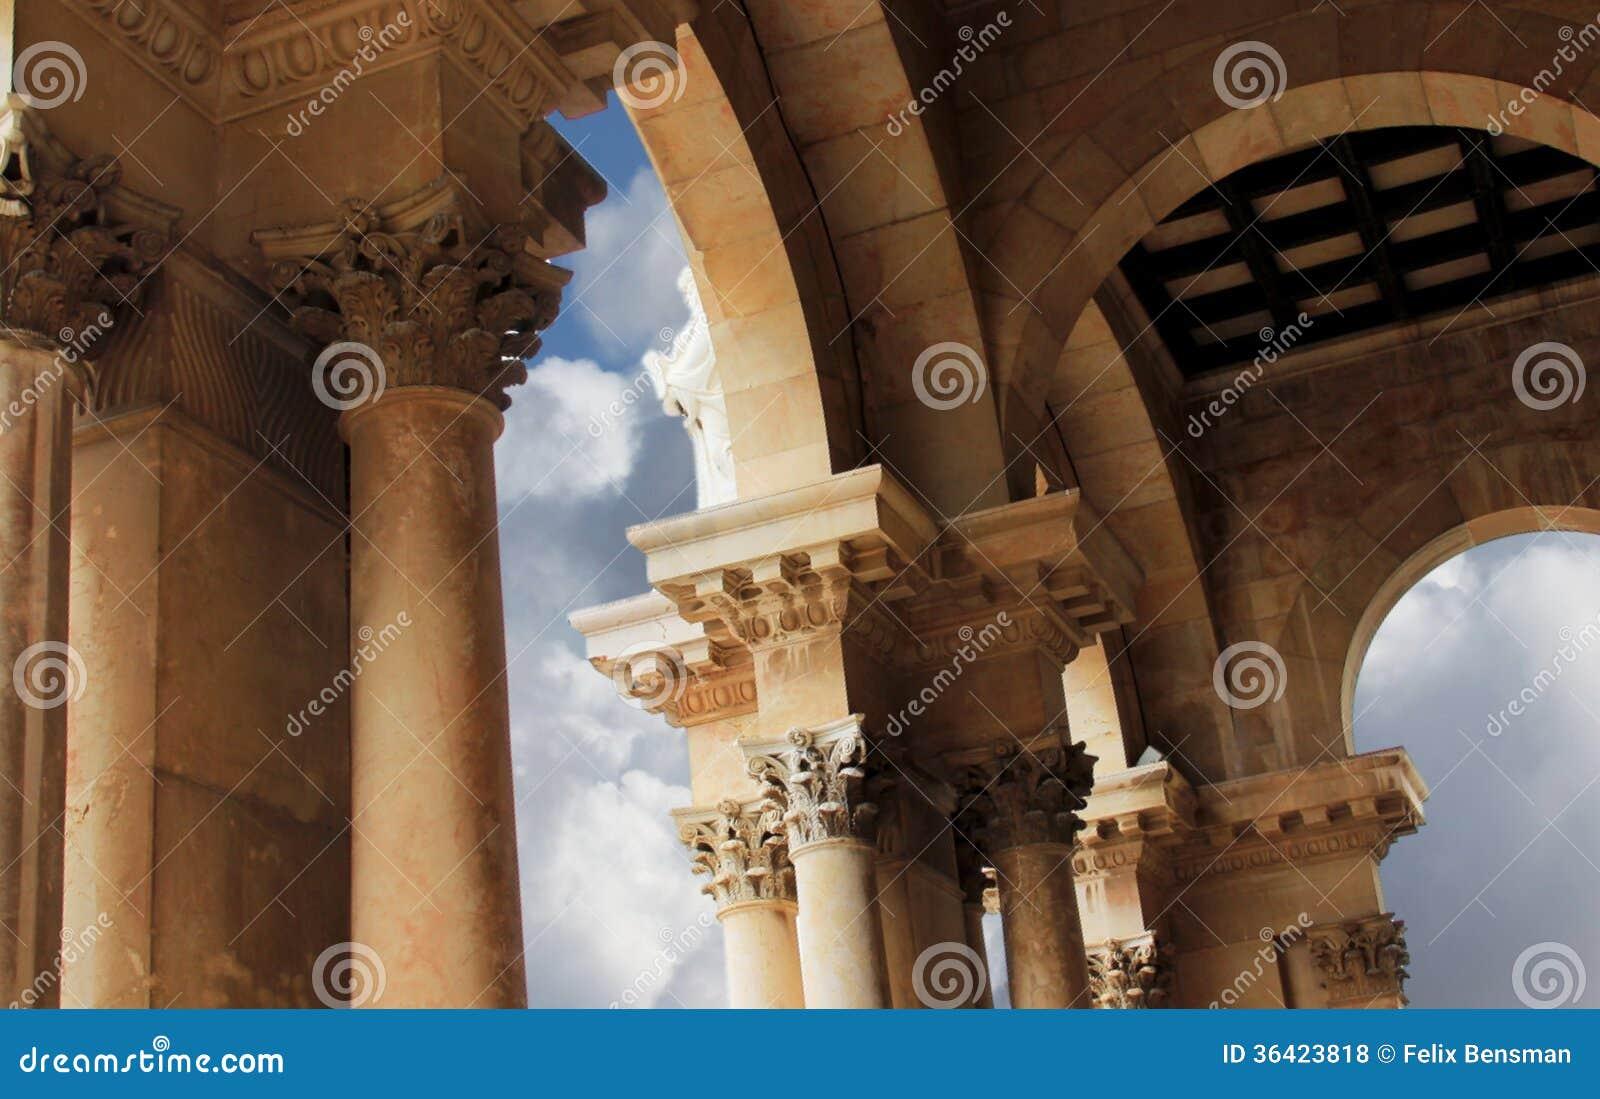 Kirche aller Nationen. Jerusalem. Israel